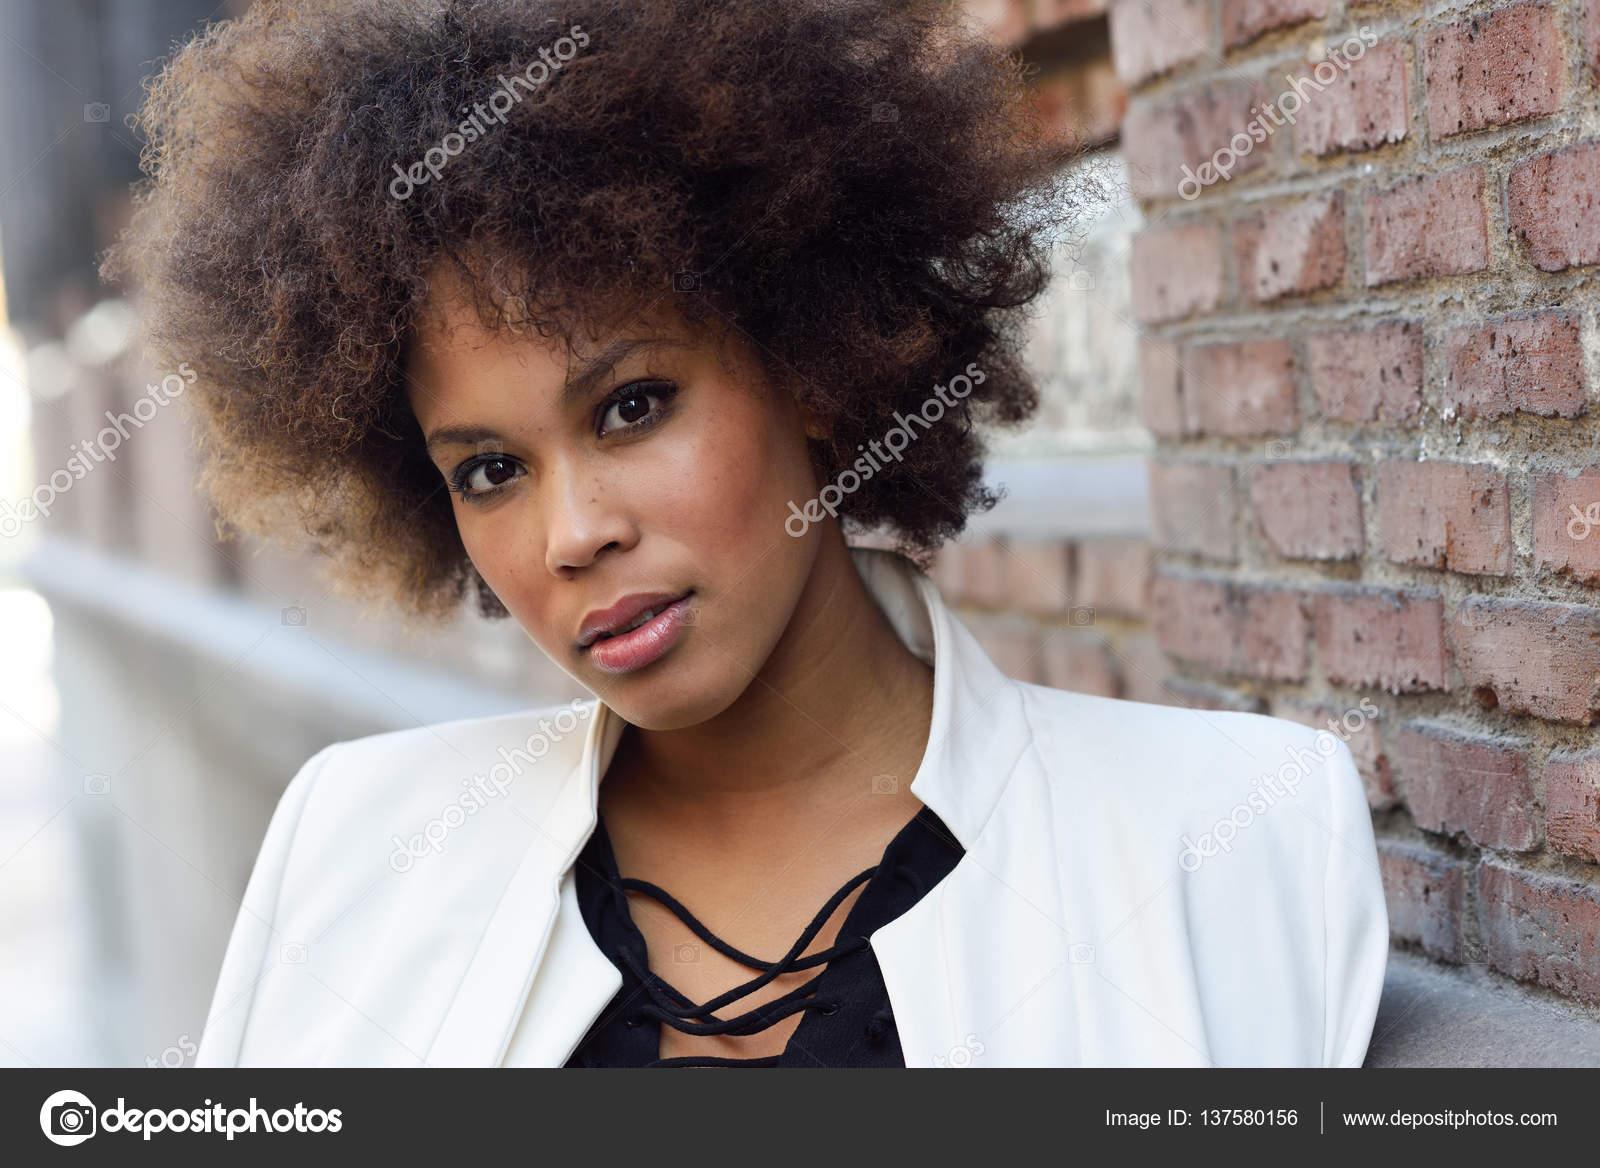 Jeune Femme Noire Ayant Qualite Pour Agir En Matie Urbain Coiffure